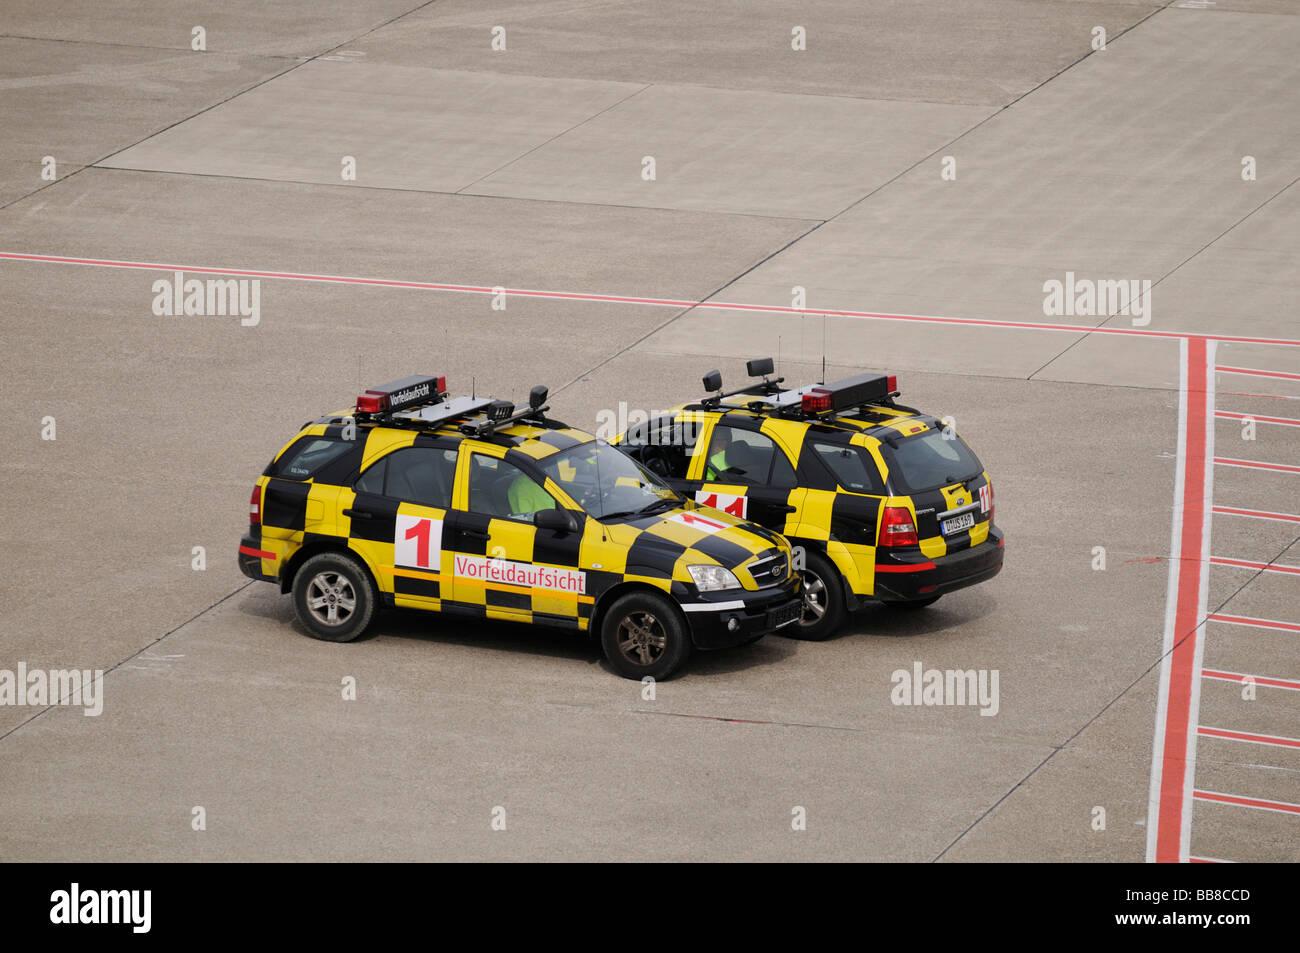 Dos cuadros de color amarillo y negro vehículos en una pista, los coches follow-me, el Aeropuerto Internacional Imagen De Stock